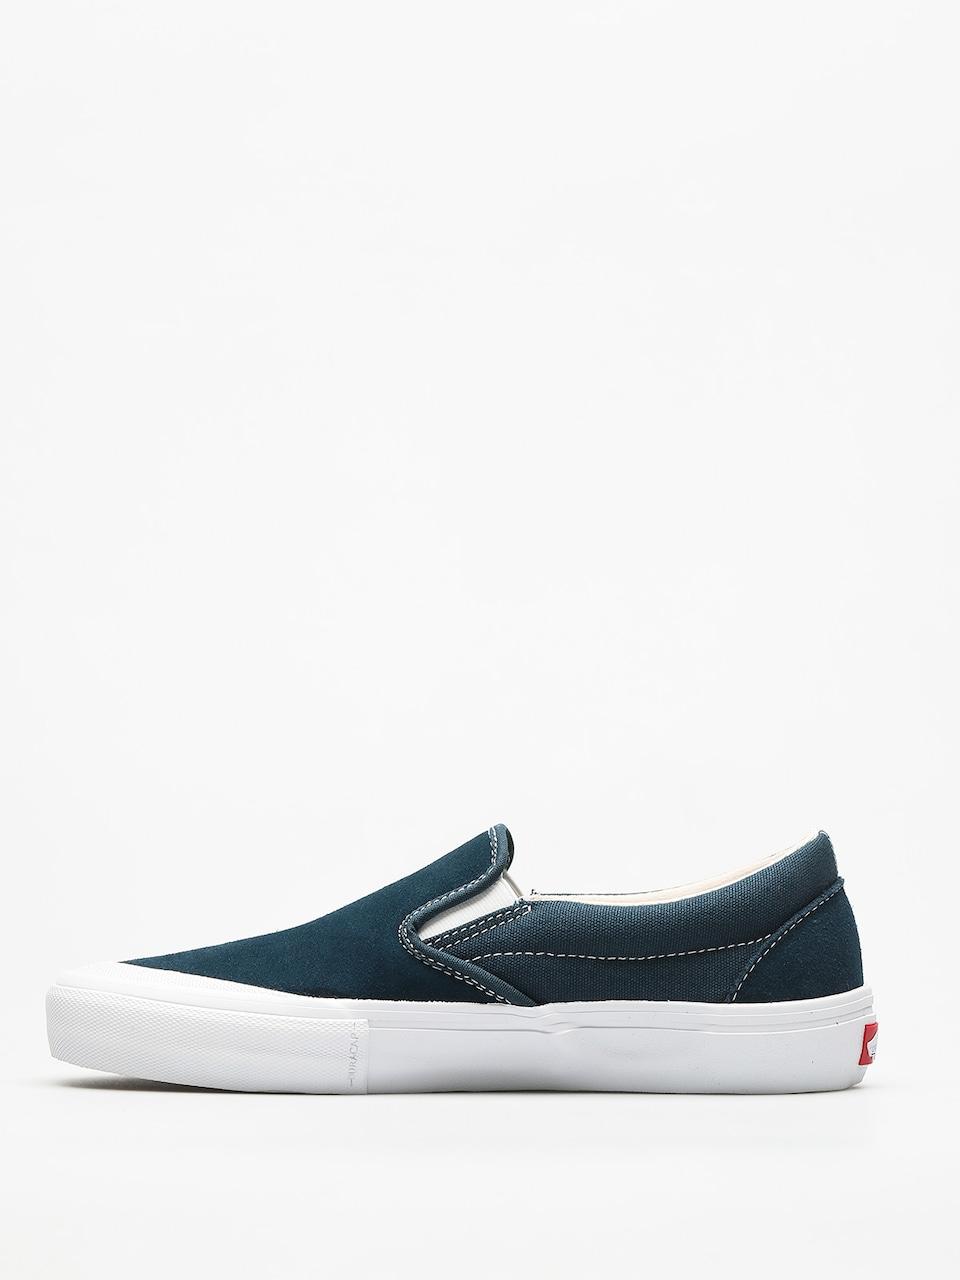 Vans Shoes Slip On Pro (toe cap